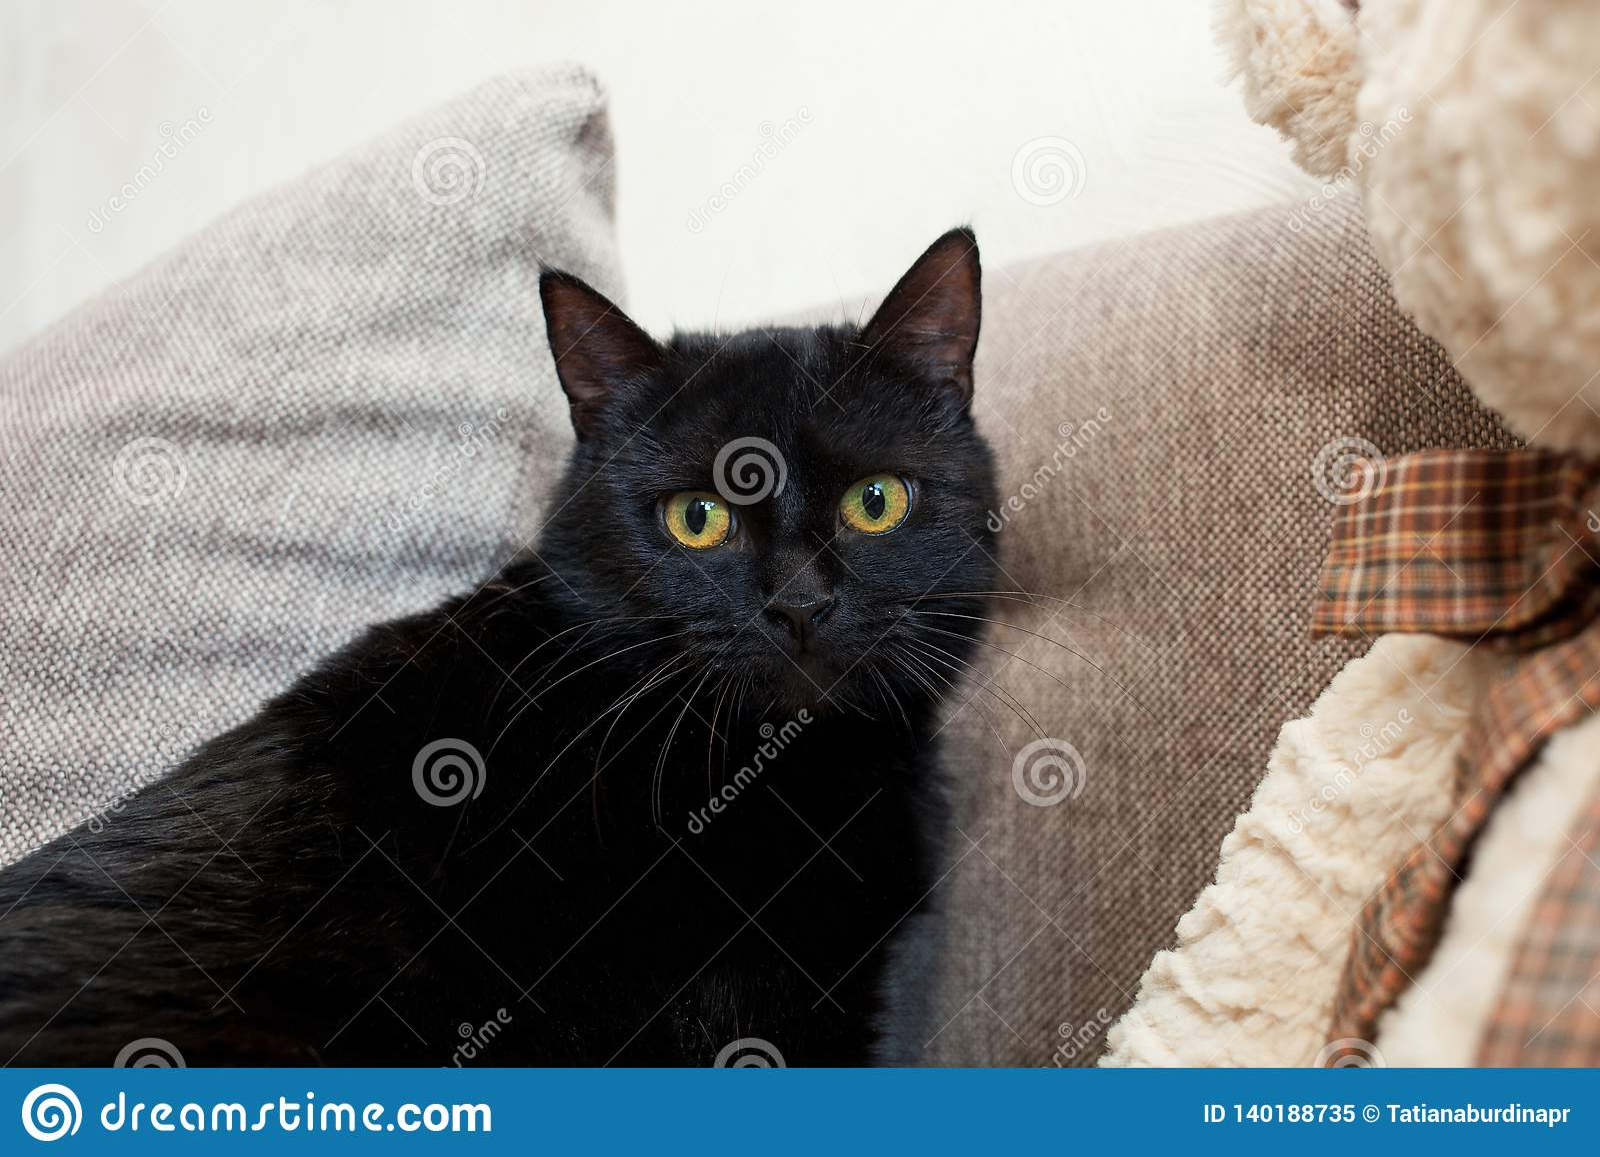 κλείστε επάνω μαύρη γάτα με τα κίτρινα μάτια σε ένα νέο σπίτι Διανοητικά και συναισθηματικά προβλήματα των γατών